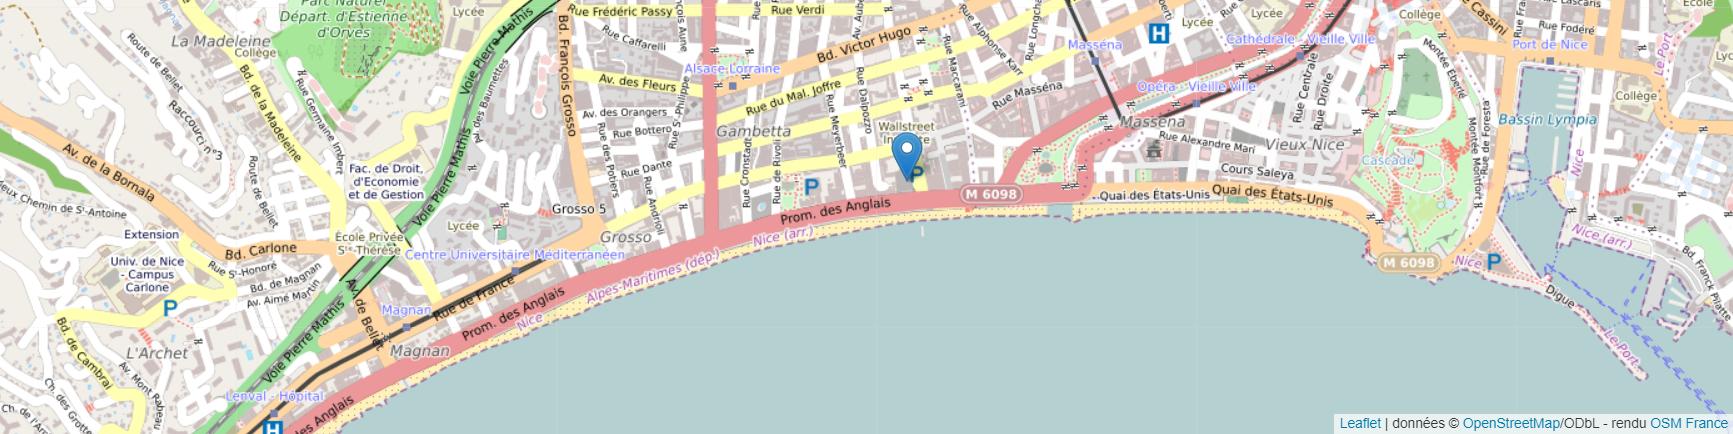 maps_palais_de_la_med.PNG